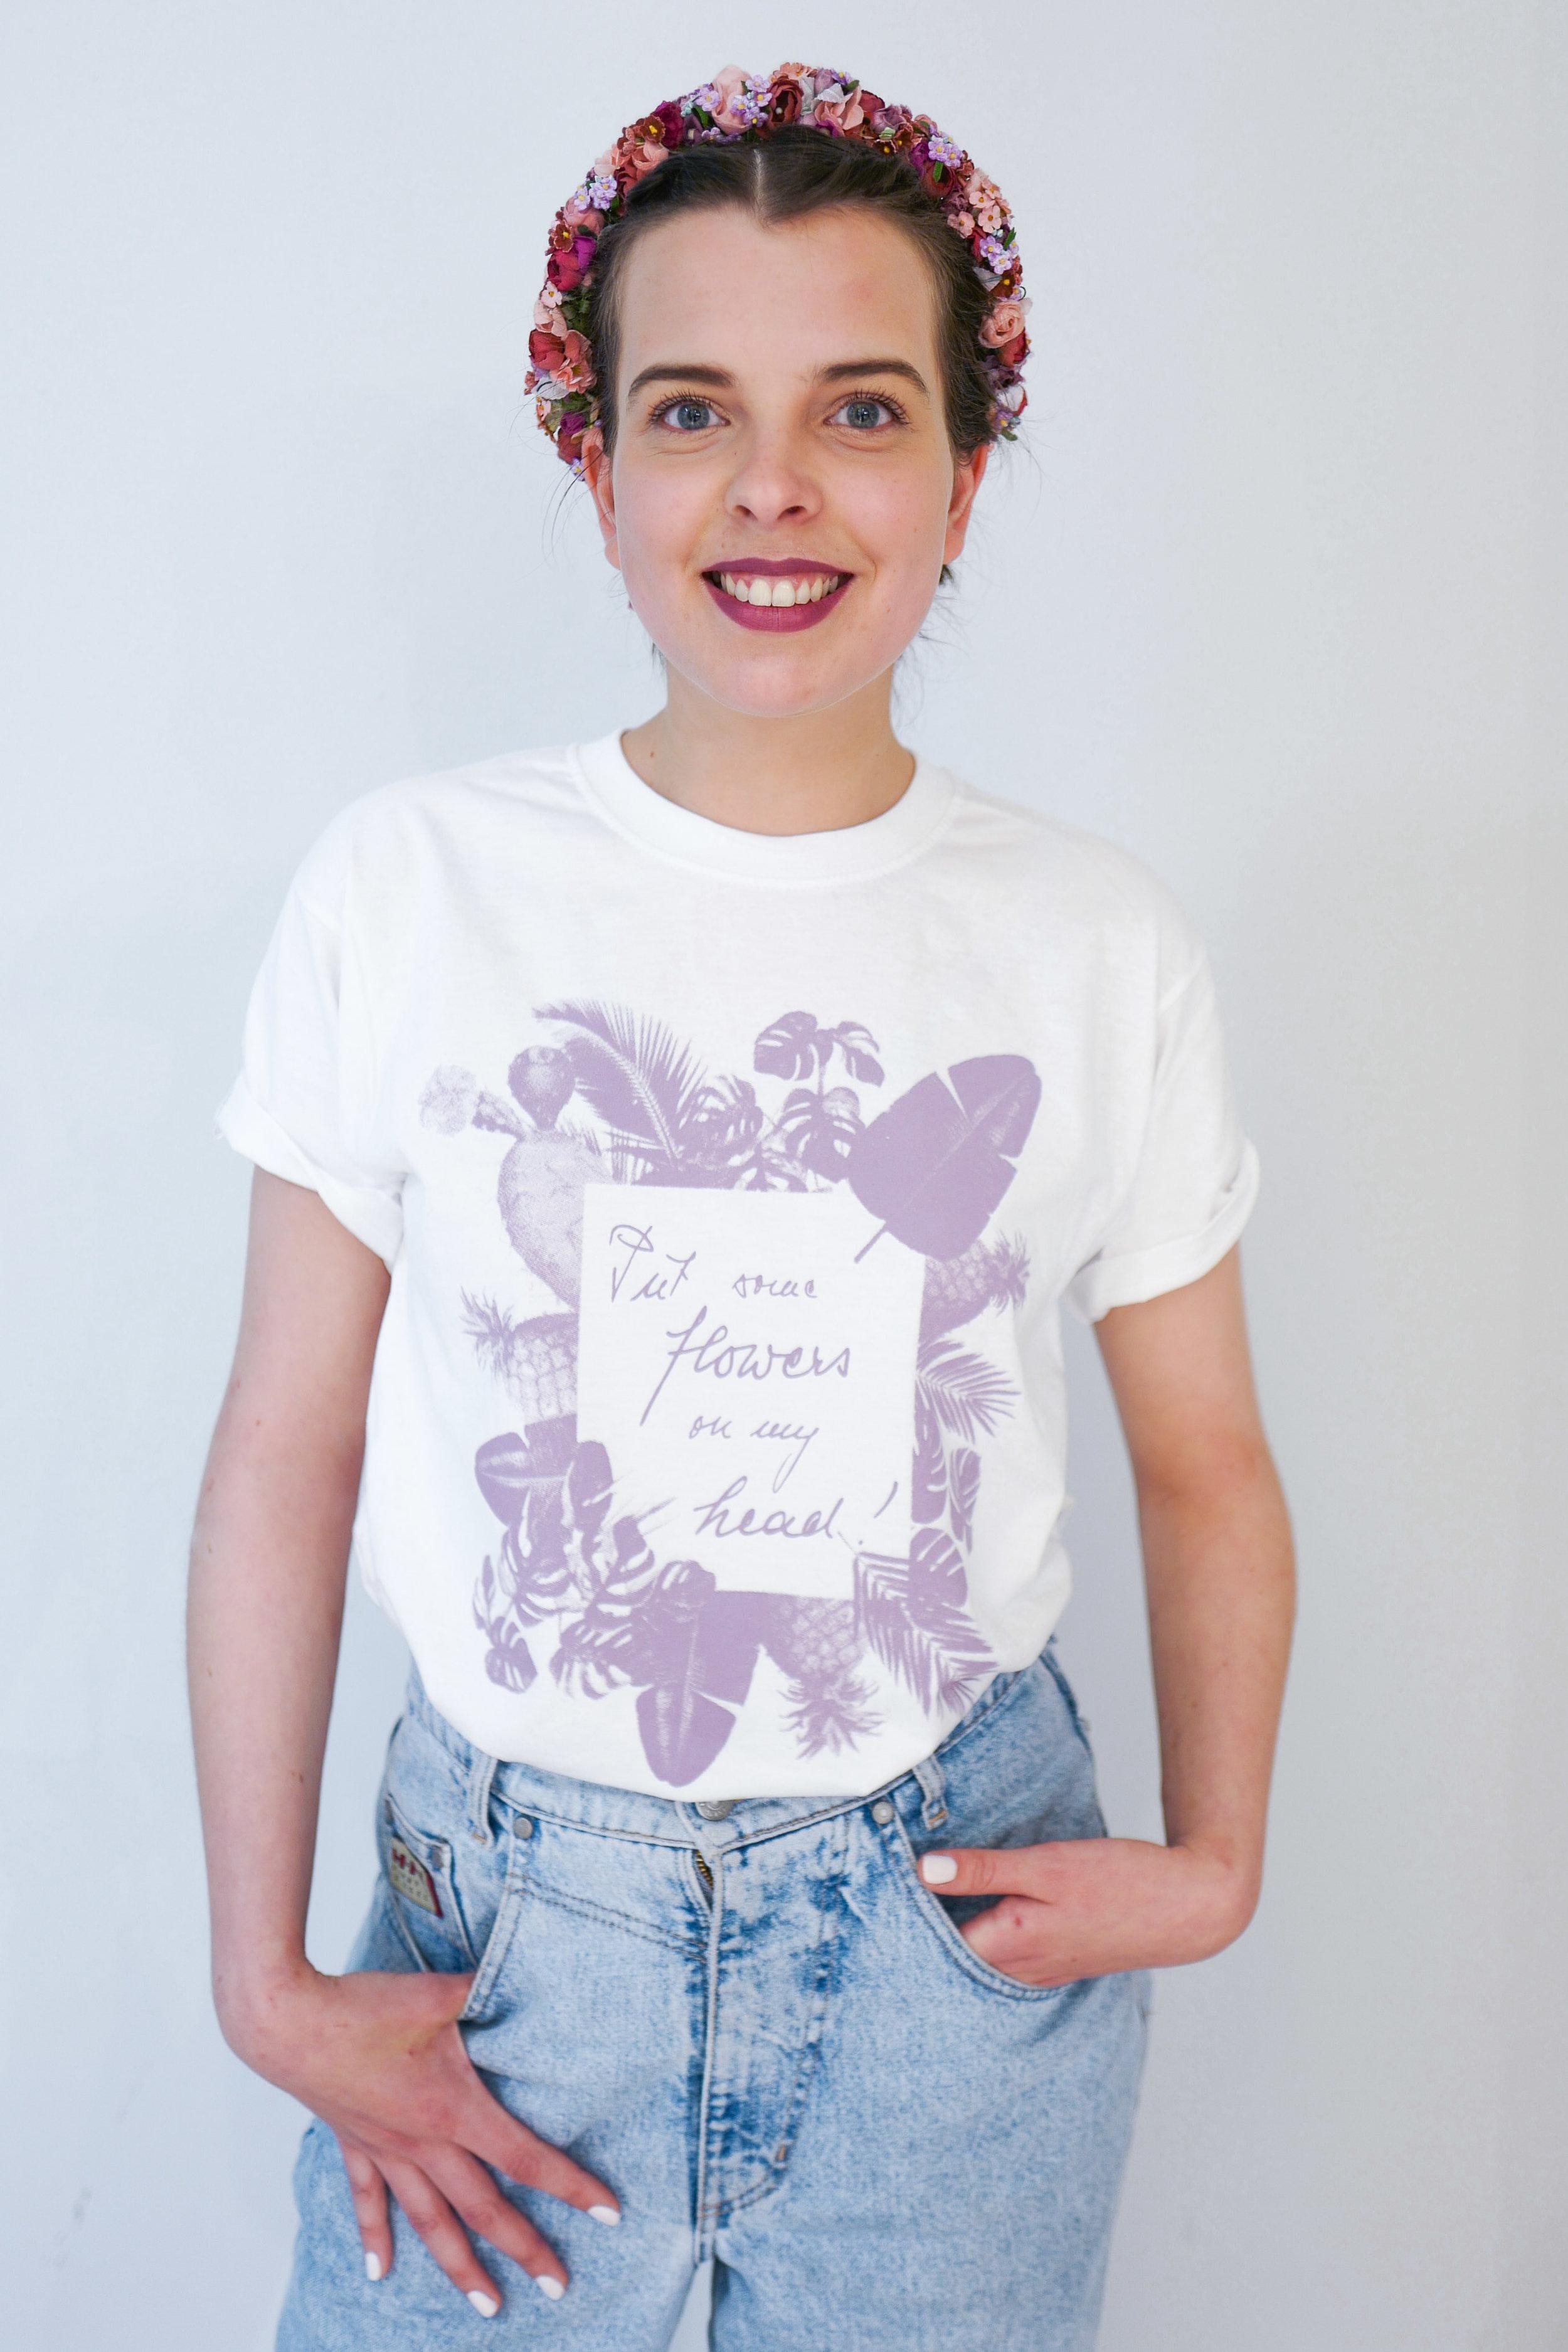 WE ARE FLOWERGIRLS Team-Shirts-1220396.jpg